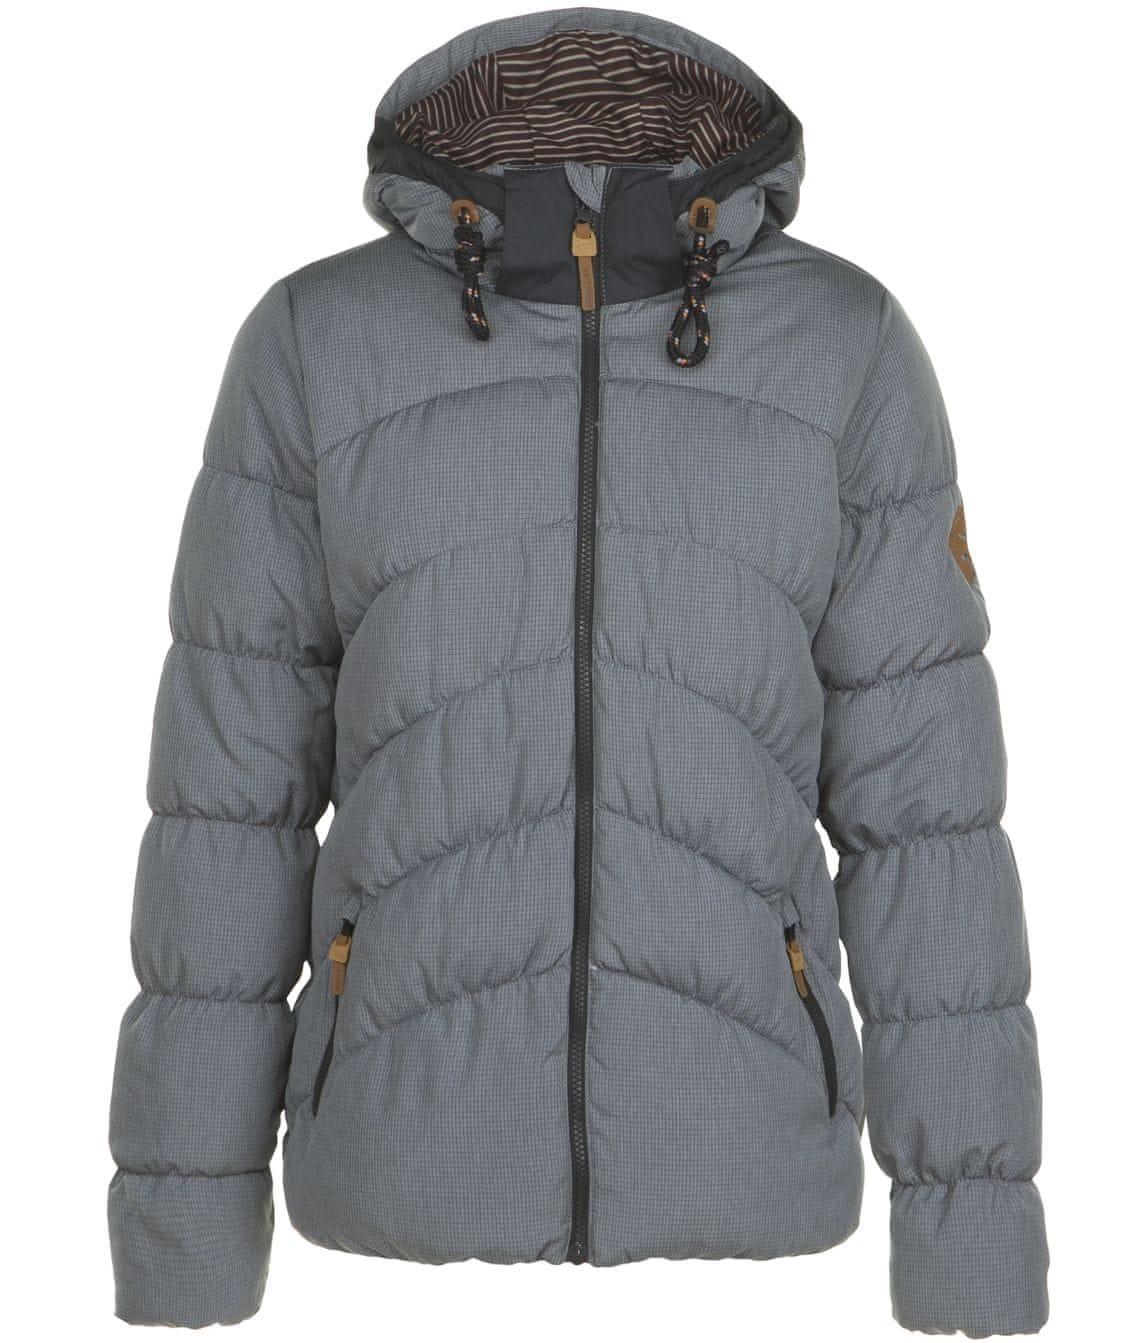 O'Neill ADV Ventura Jacket Női kabát, Ezüst, XS